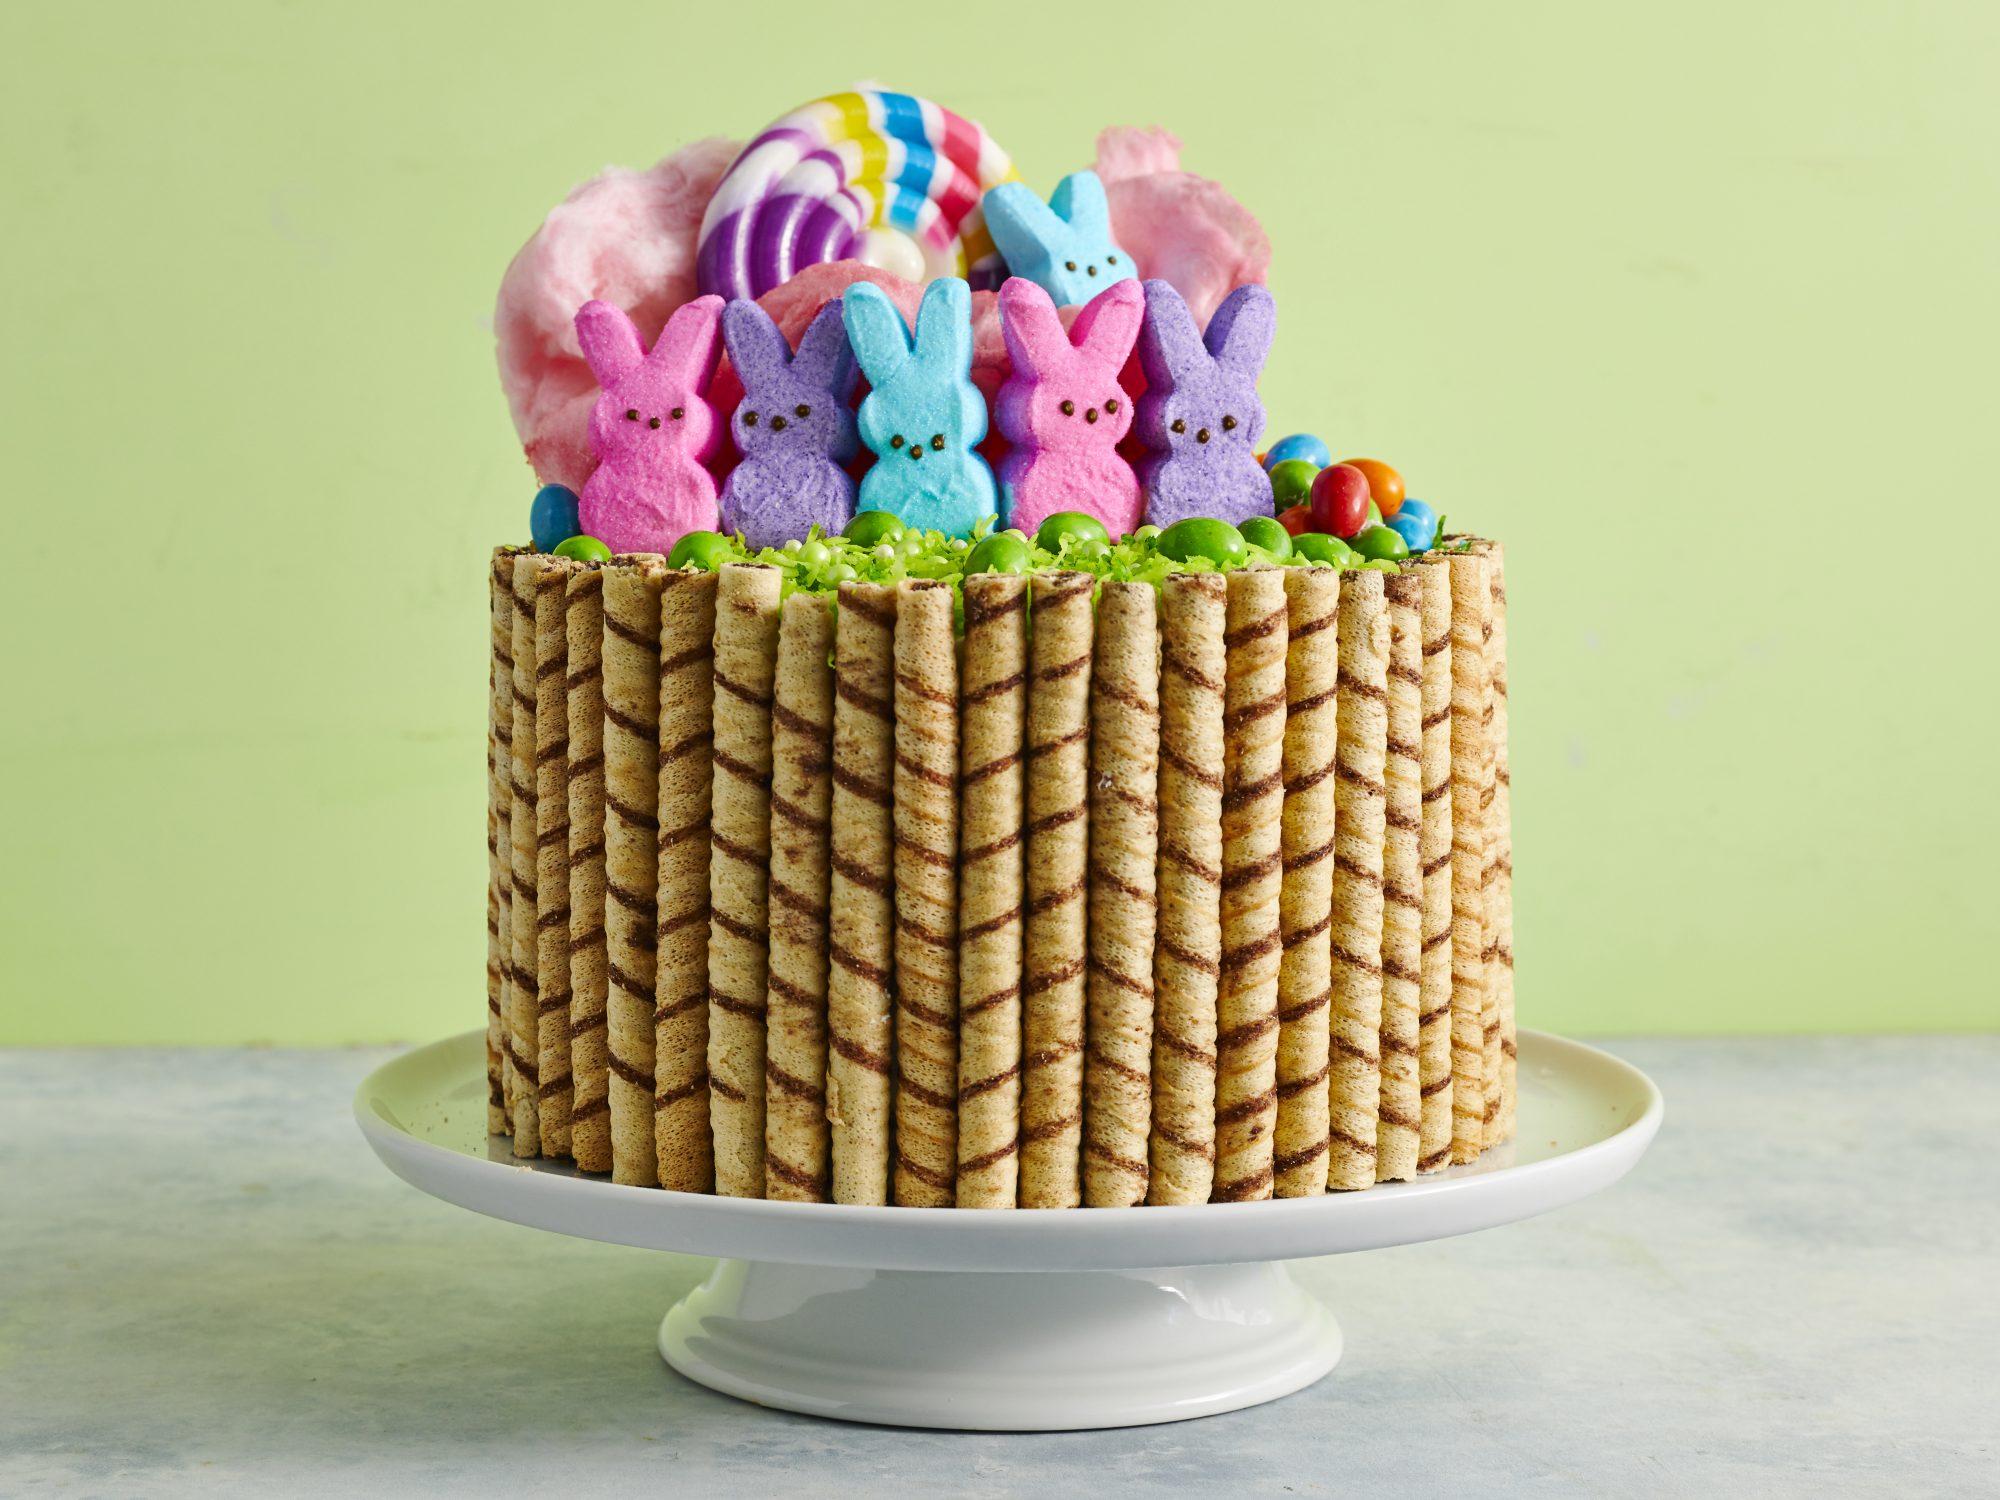 mr-Easter Basket Cake image